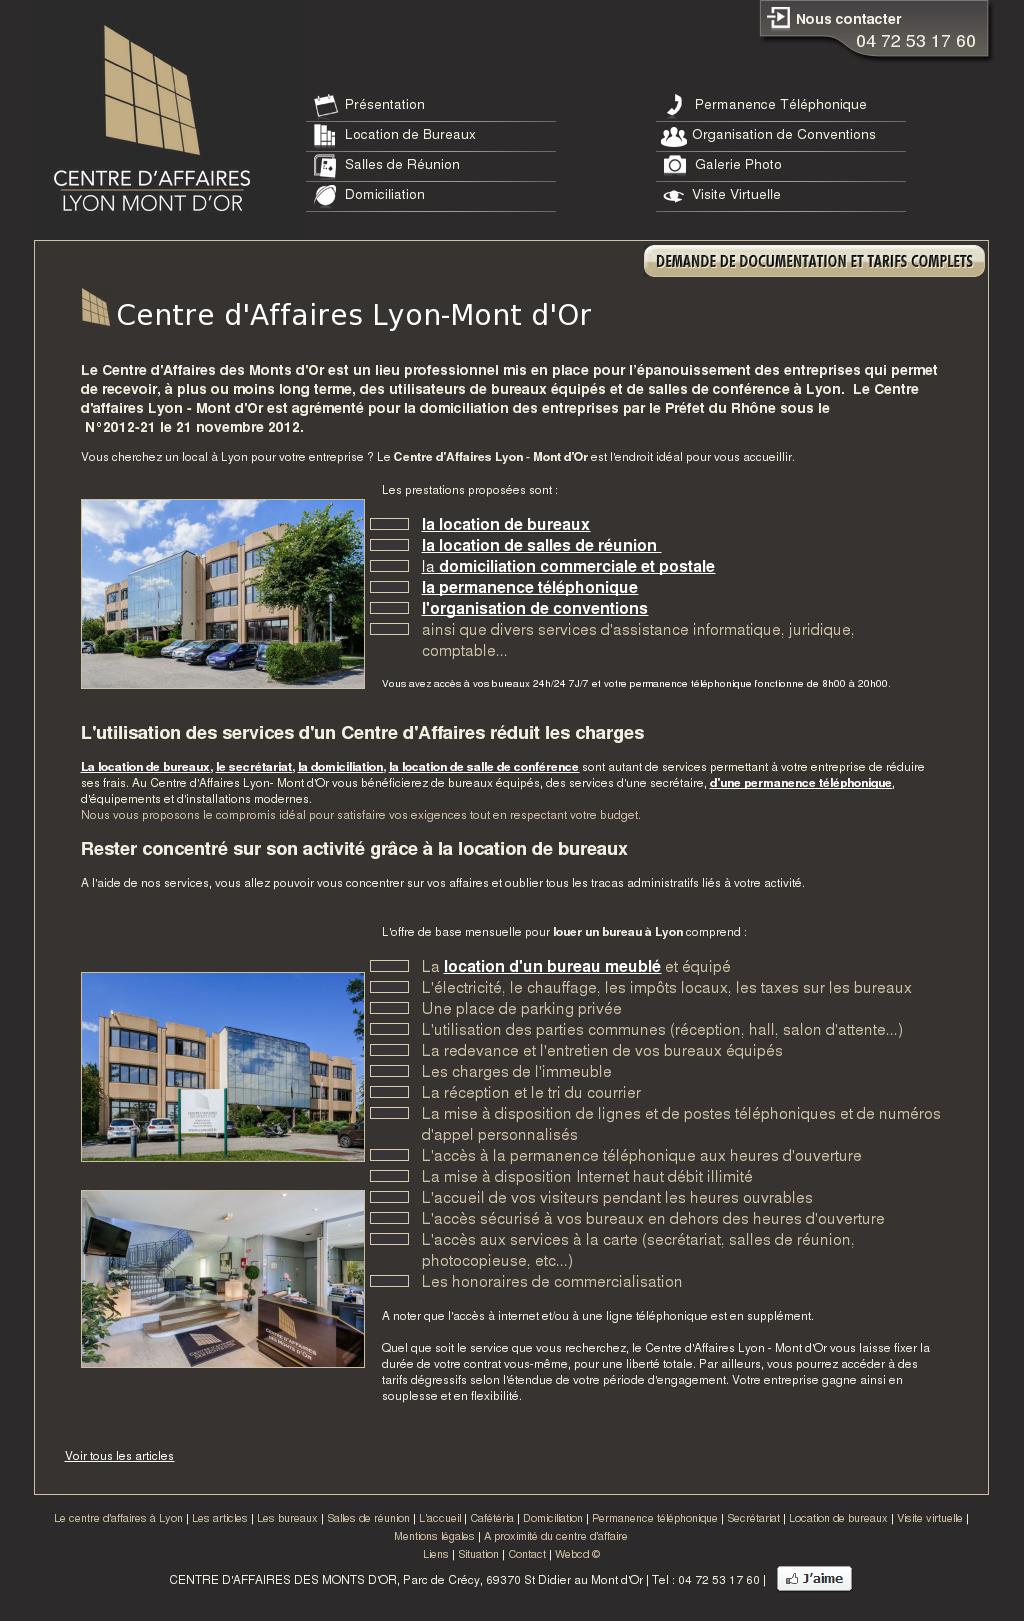 Entreprise D Architecture Lyon centre d'affaires lyon mont d'or competitors, revenue and